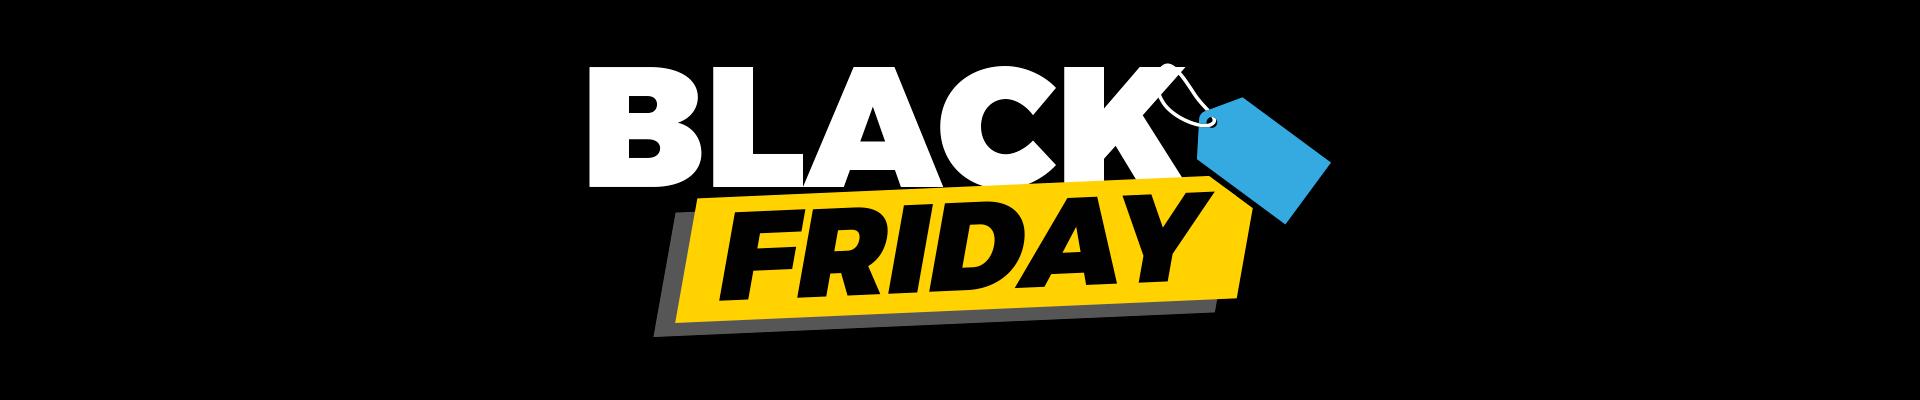 Las mejores ofertas de Black Friday 2018